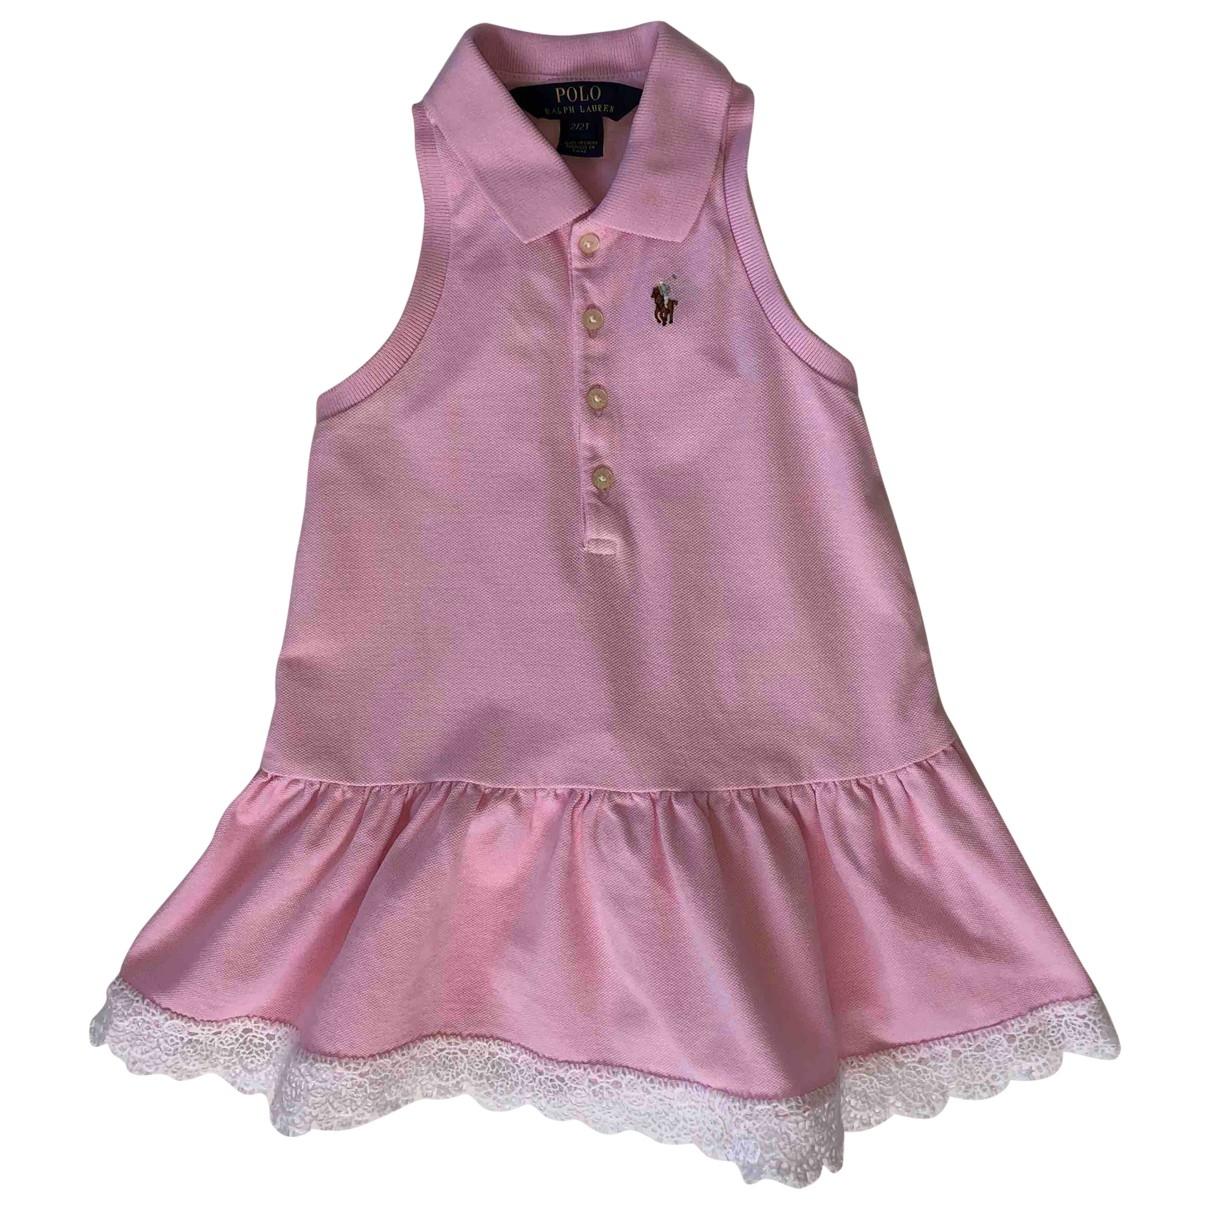 Polo Ralph Lauren \N Kleid in  Rosa Baumwolle